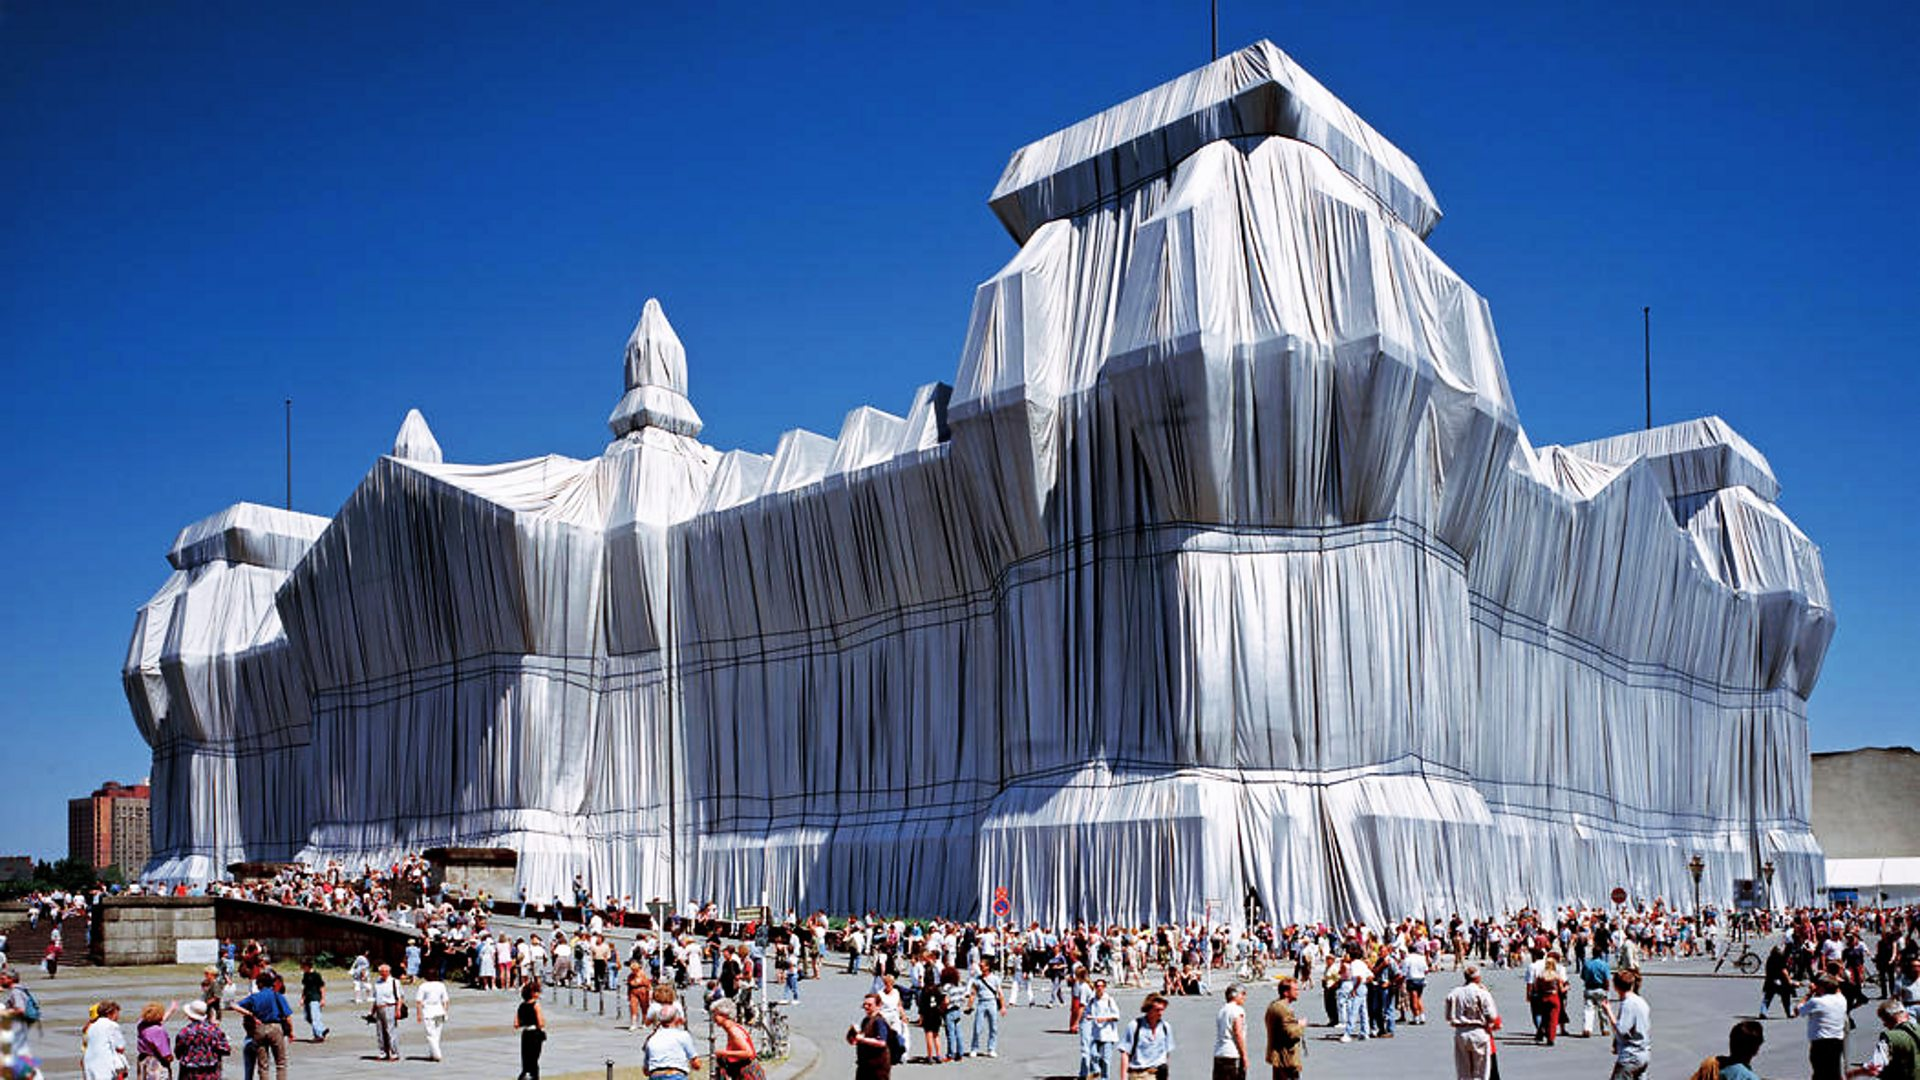 پارچه پیچی ساختمان عظیم رایشتاگ در آلمان